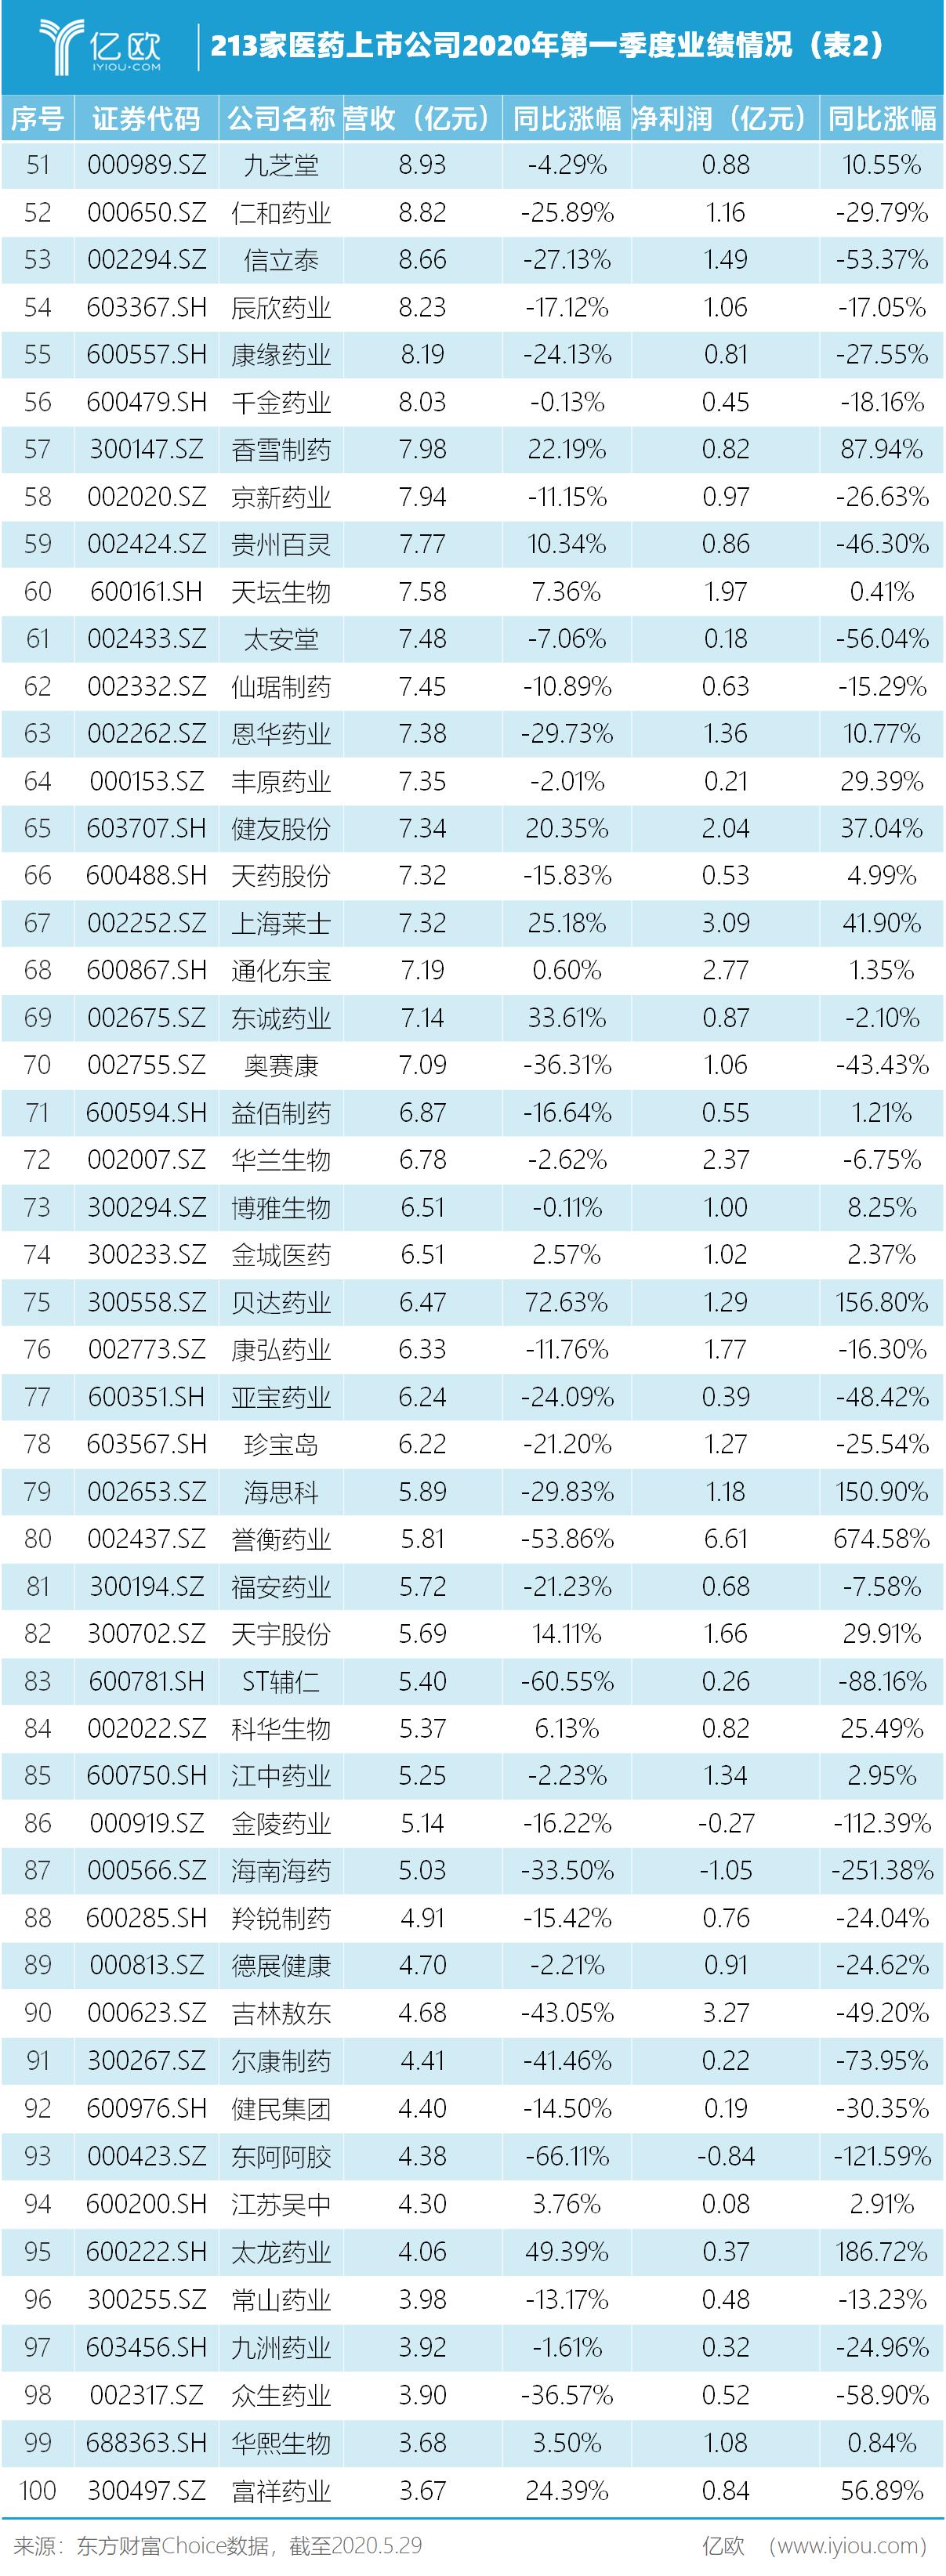 213家医药上市公司2020年第一季度业绩情况(外2)